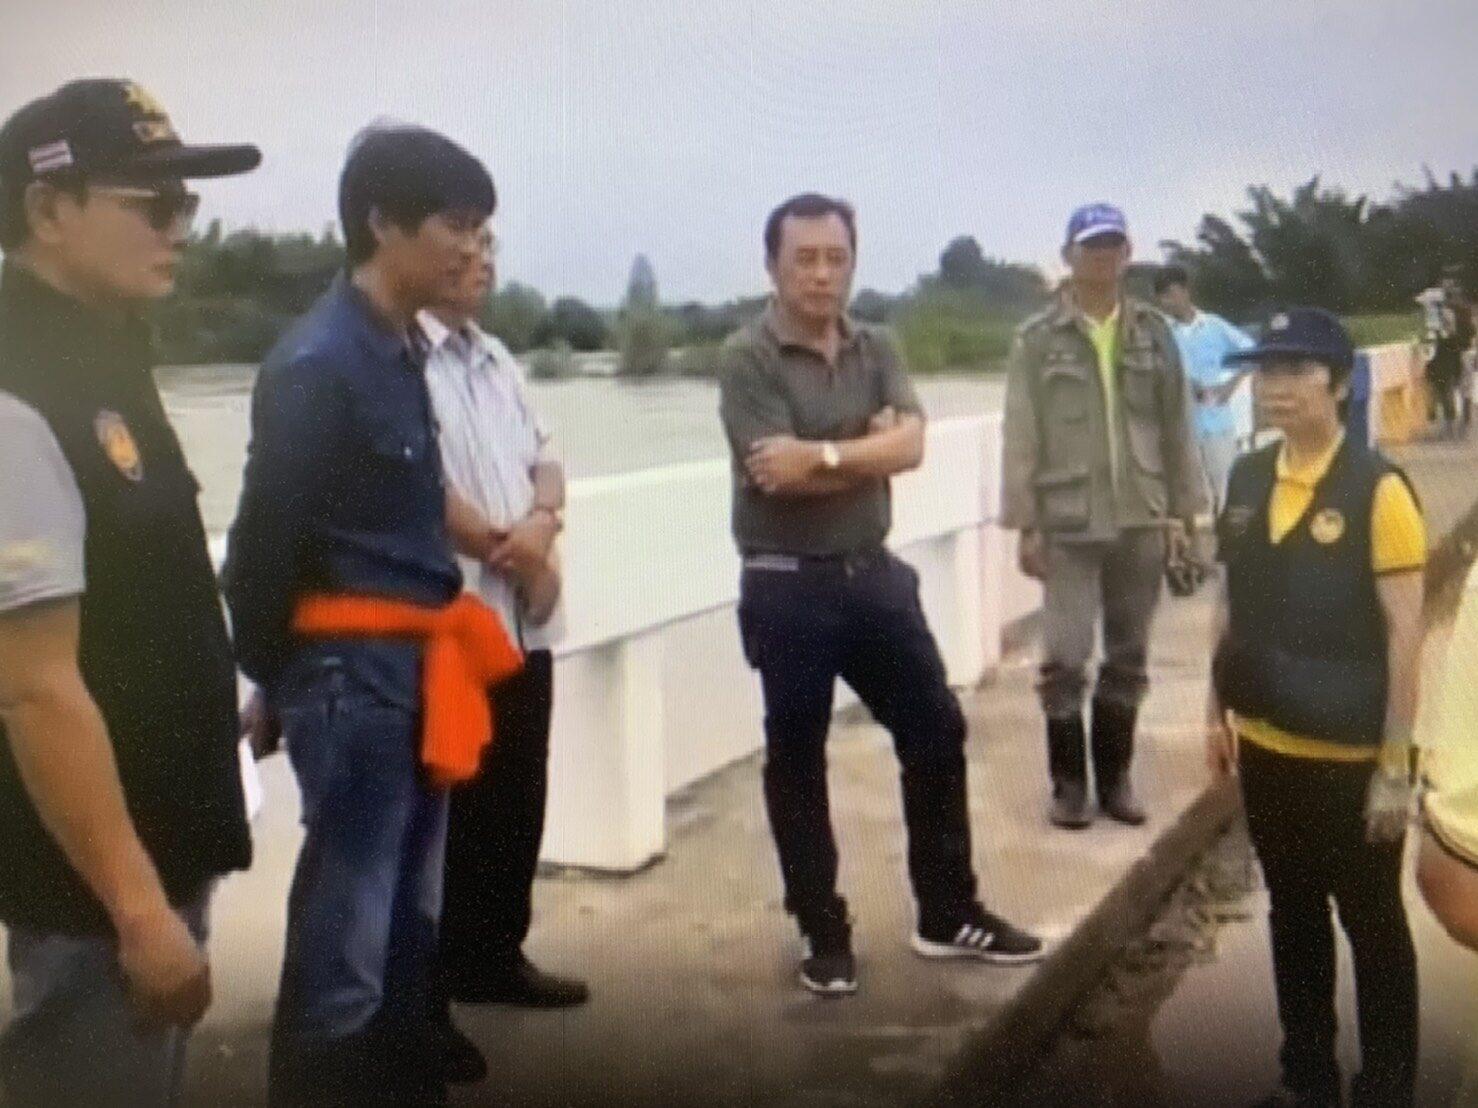 พ่อเมืองกาญฯลงพื้นที่ ลุยน้ำช่วยเหลือชาวหนองไผ่ หลังฝนถล่ม ล่าสุดระดับน้ำในลำภาชีเริ่มลดลงแล้ว